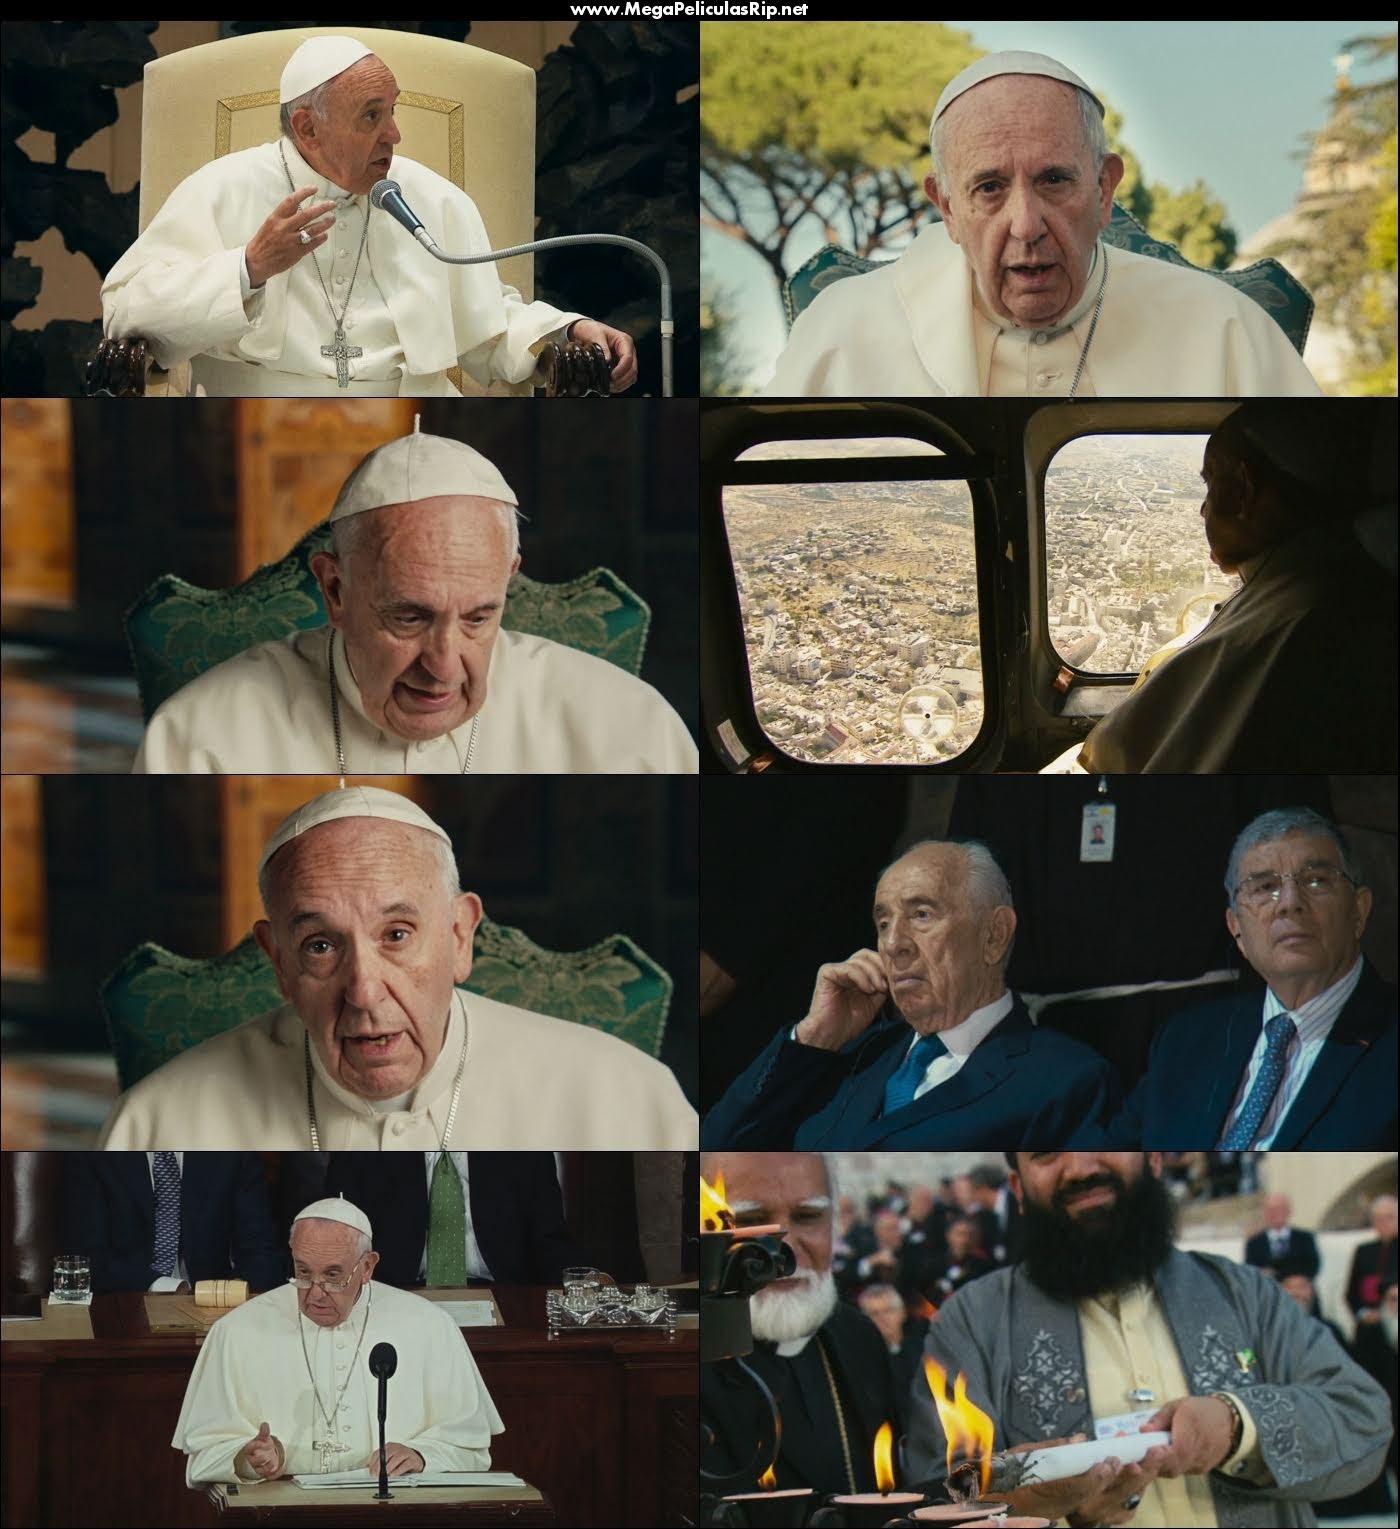 El Papa Francisco Un Hombre De Palabra 1080p